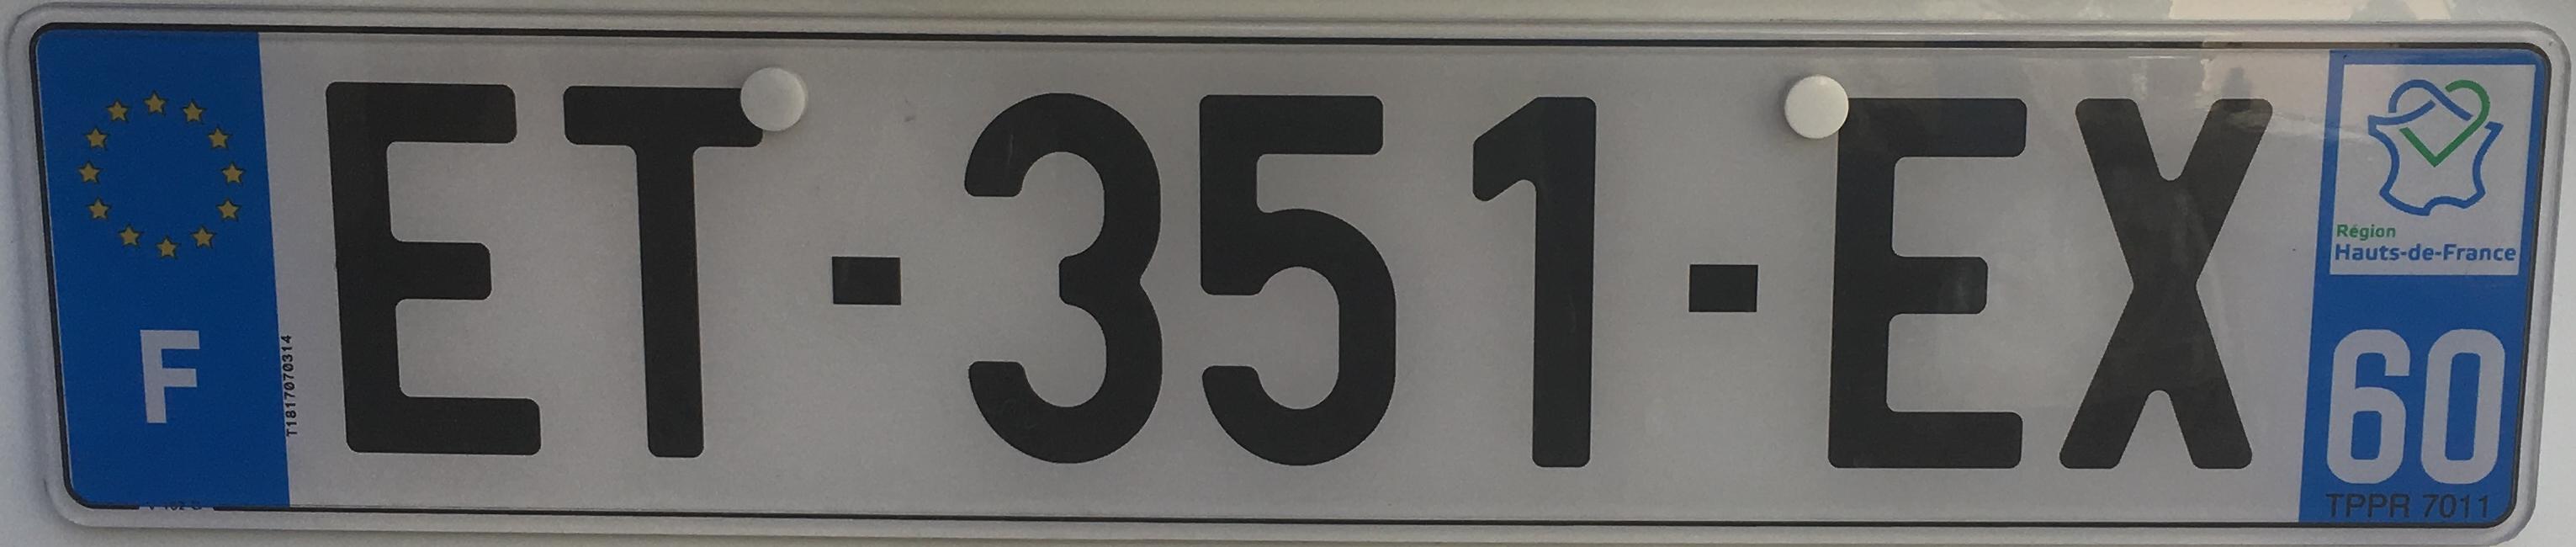 Francouzská registrační značka – 60 - Oise, foto: www.podalnici.cz